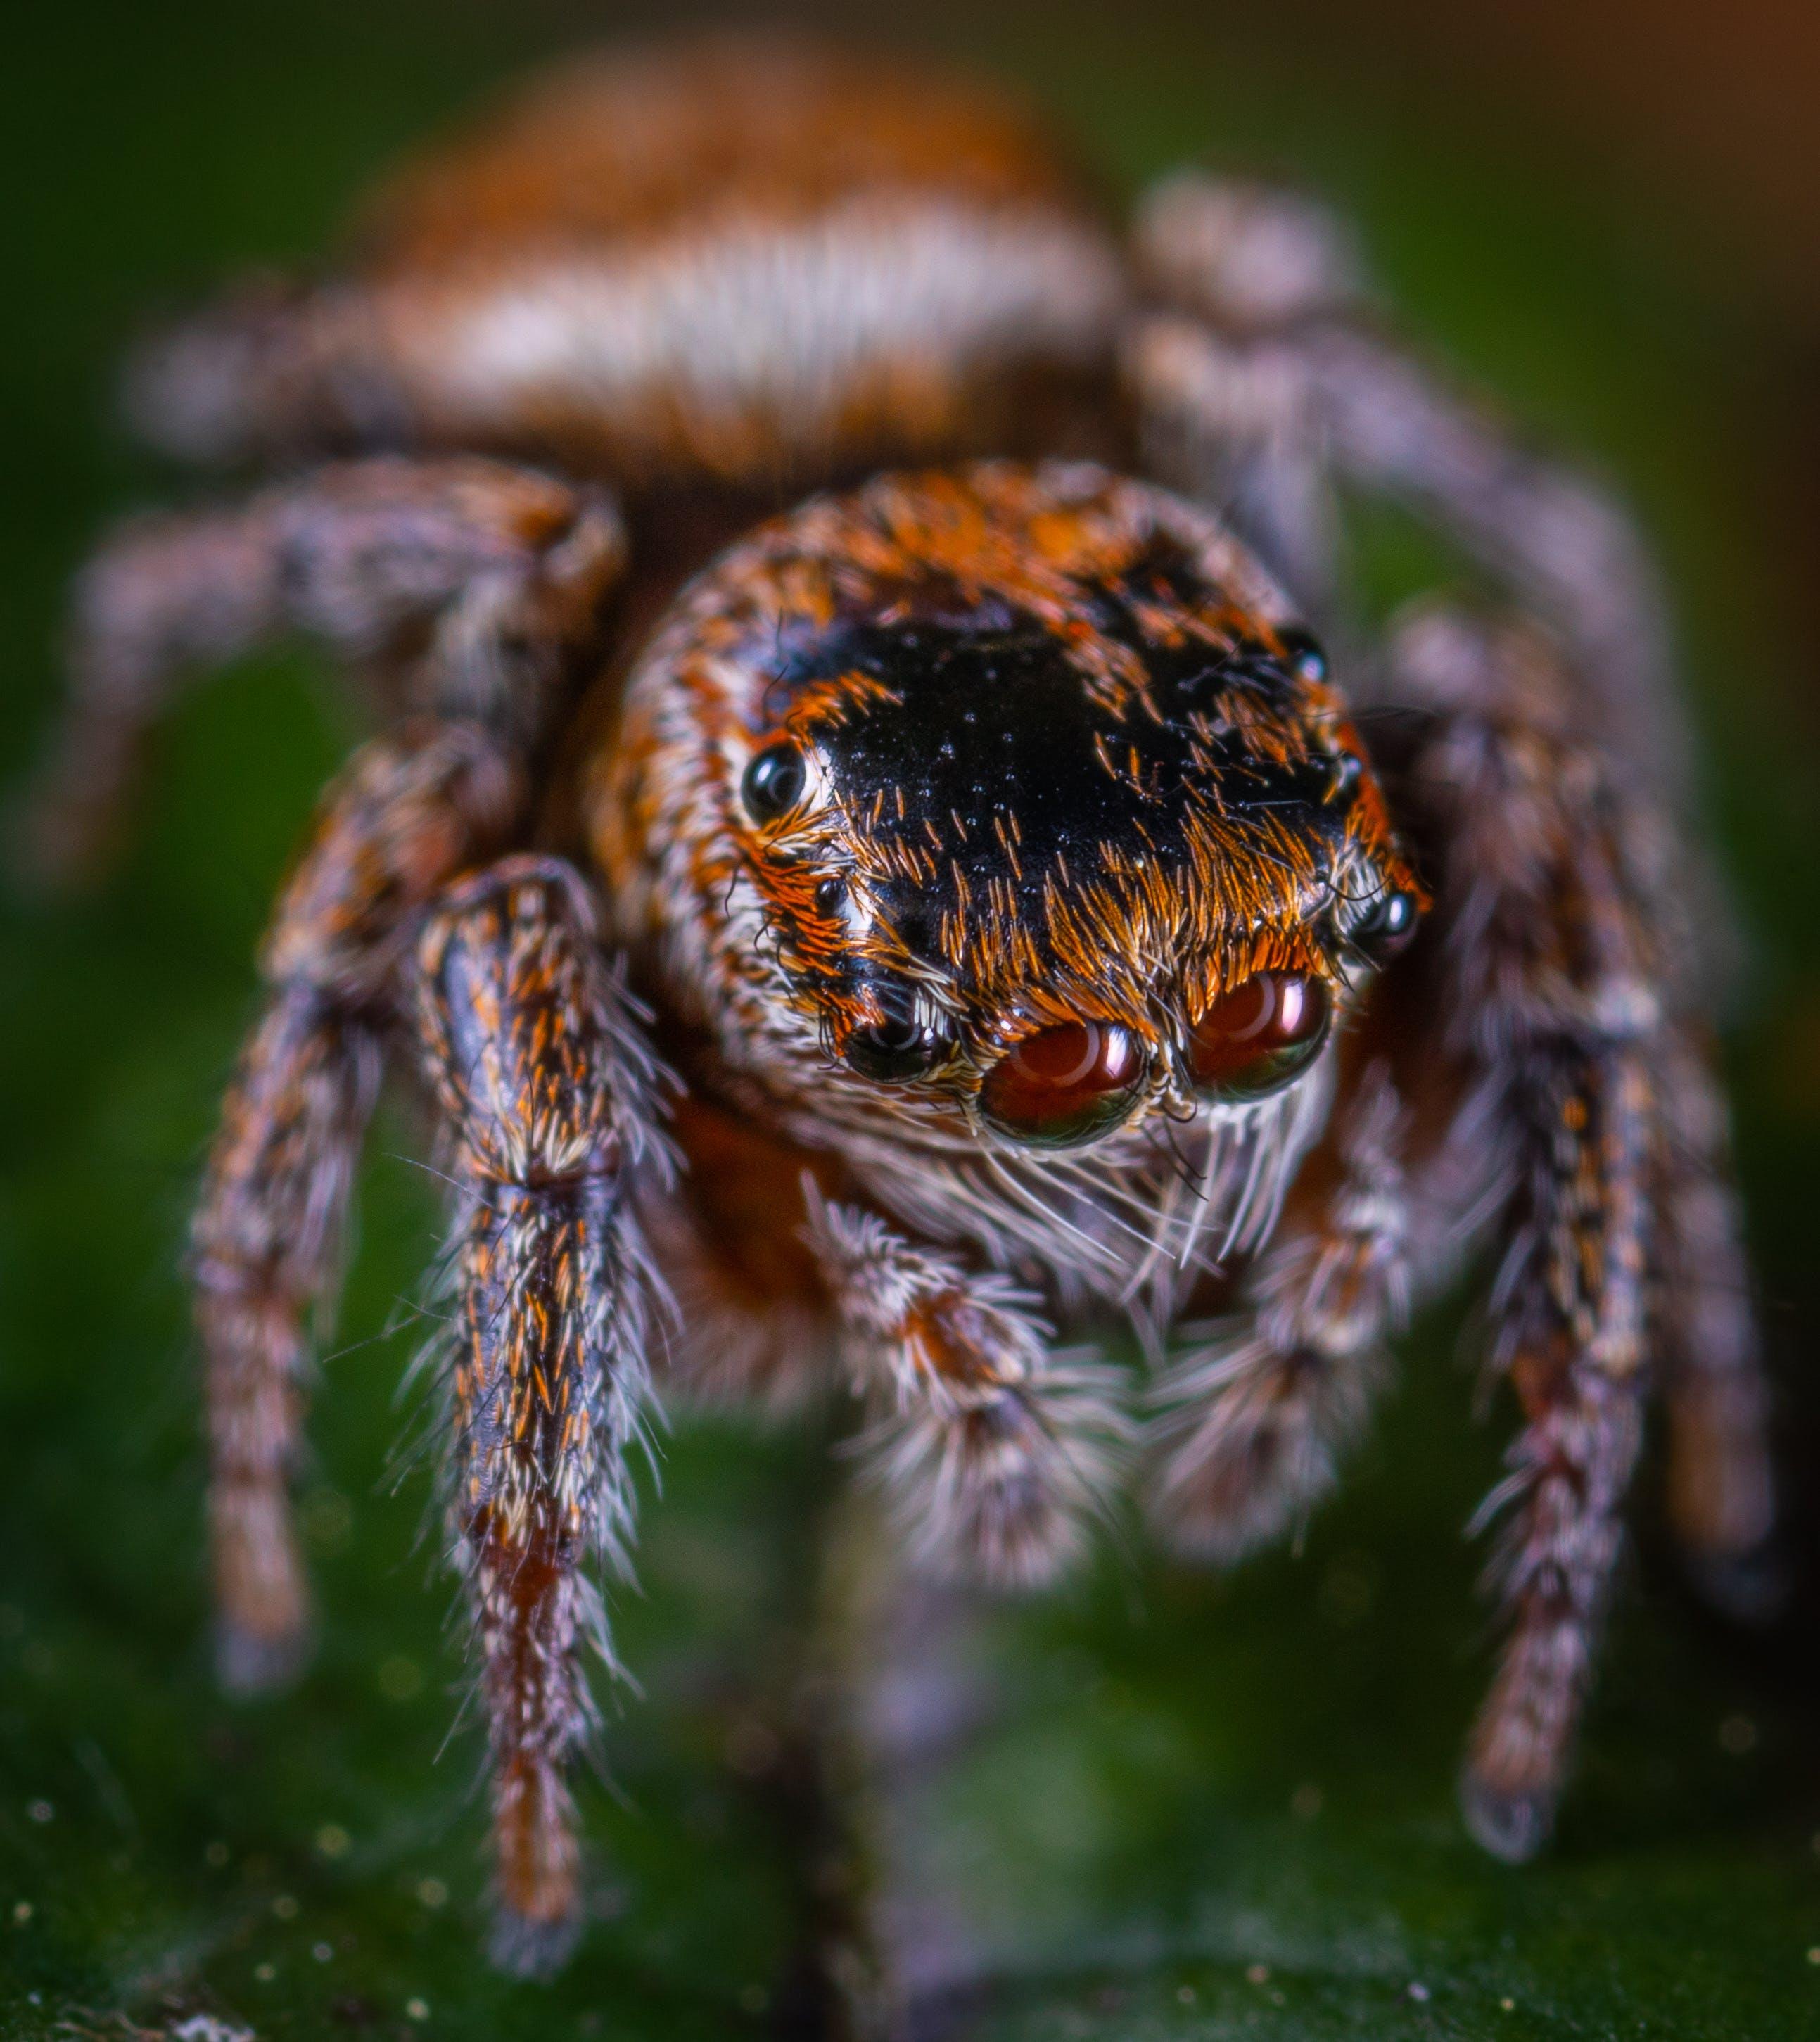 宏觀, 昆蟲, 無脊椎動物